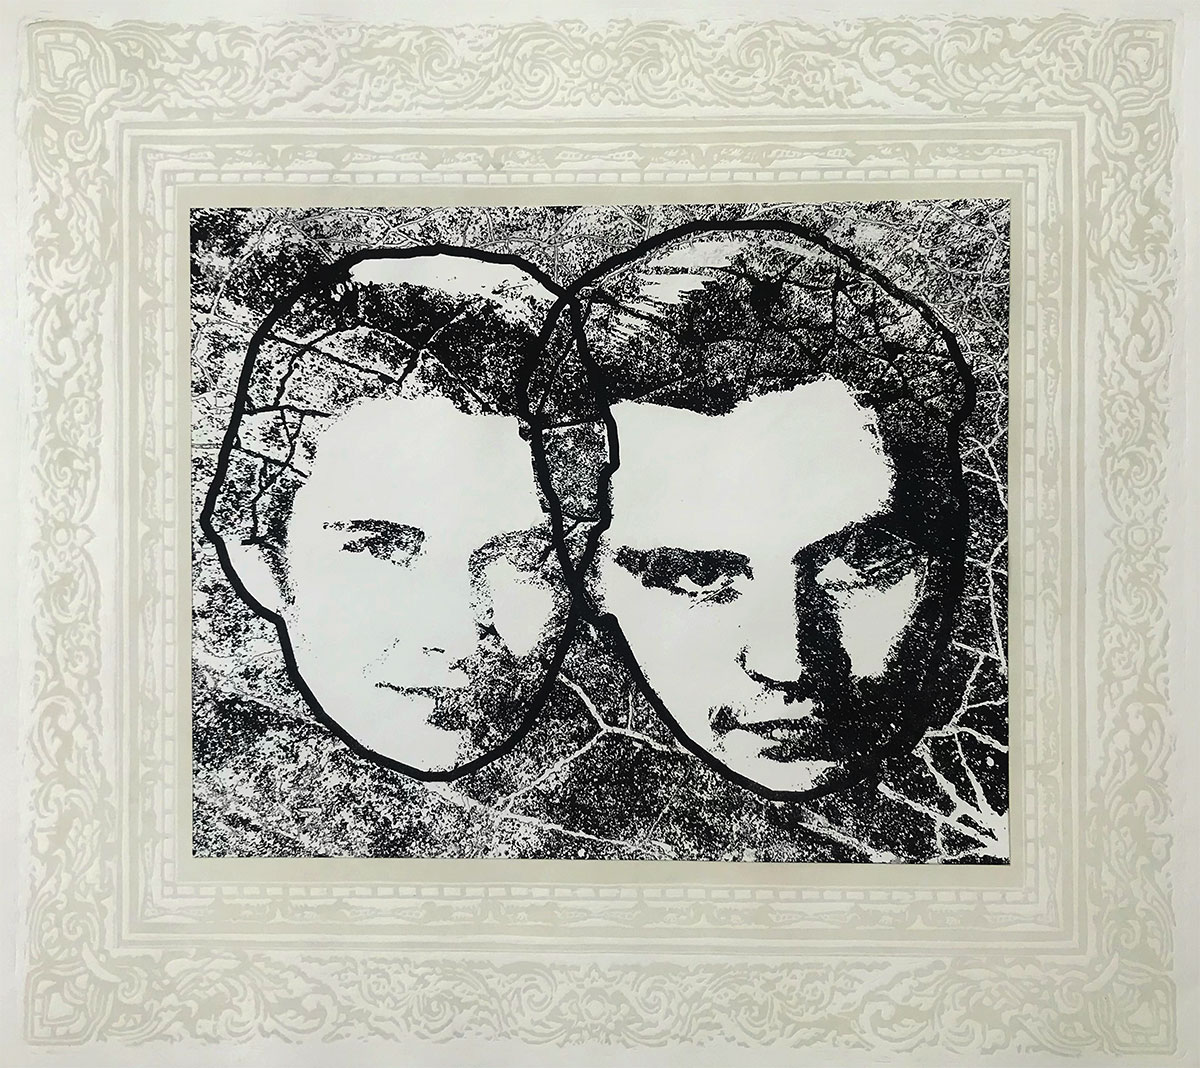 Portrait in frames - 1